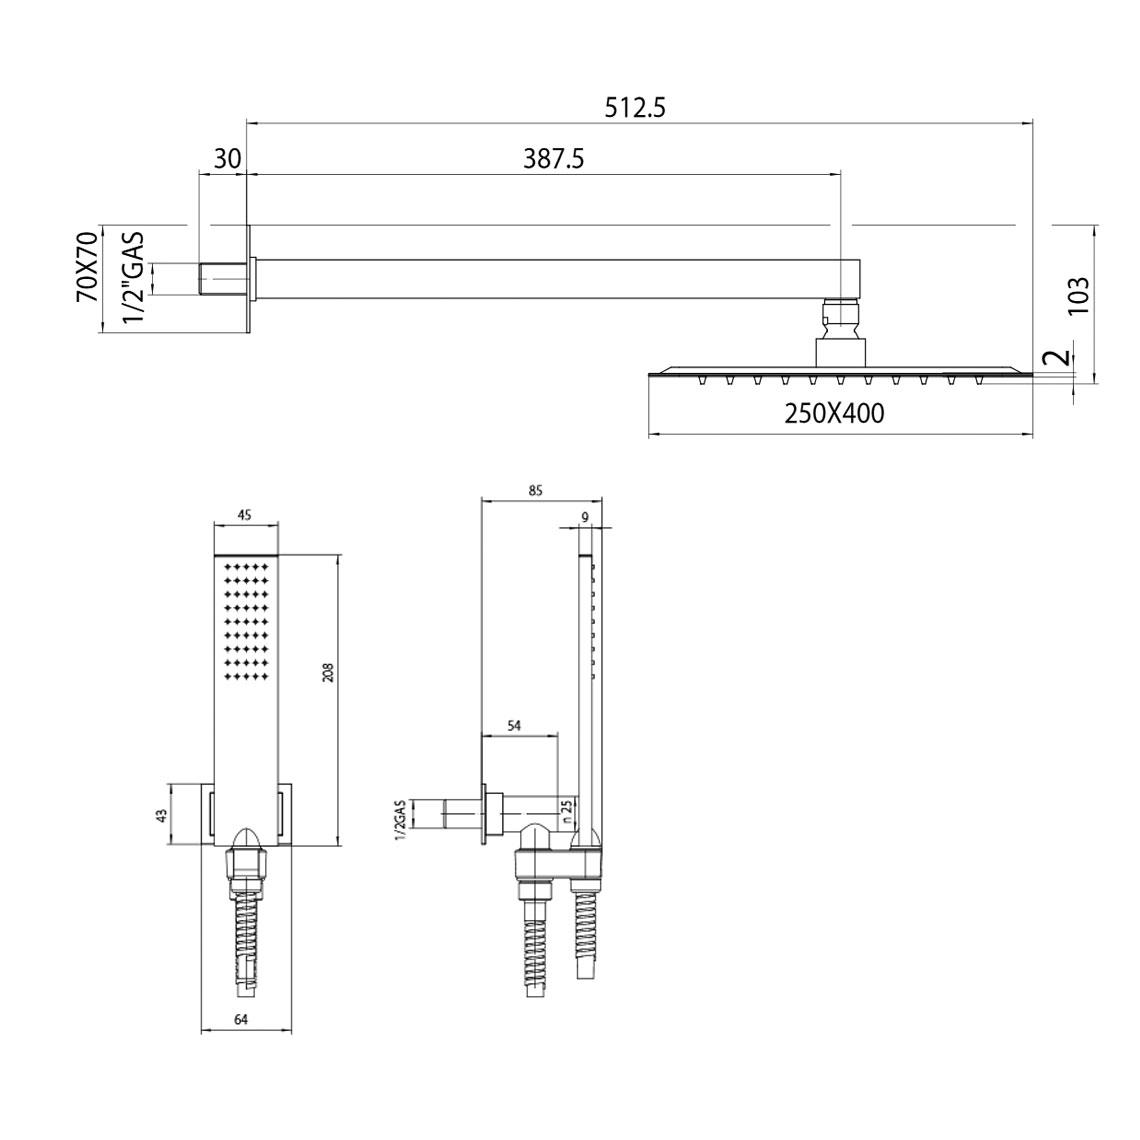 Composizione doccia Bossini con soffione rettangolare ultra slim 40X25 cm, braccio doccia e kit duplex